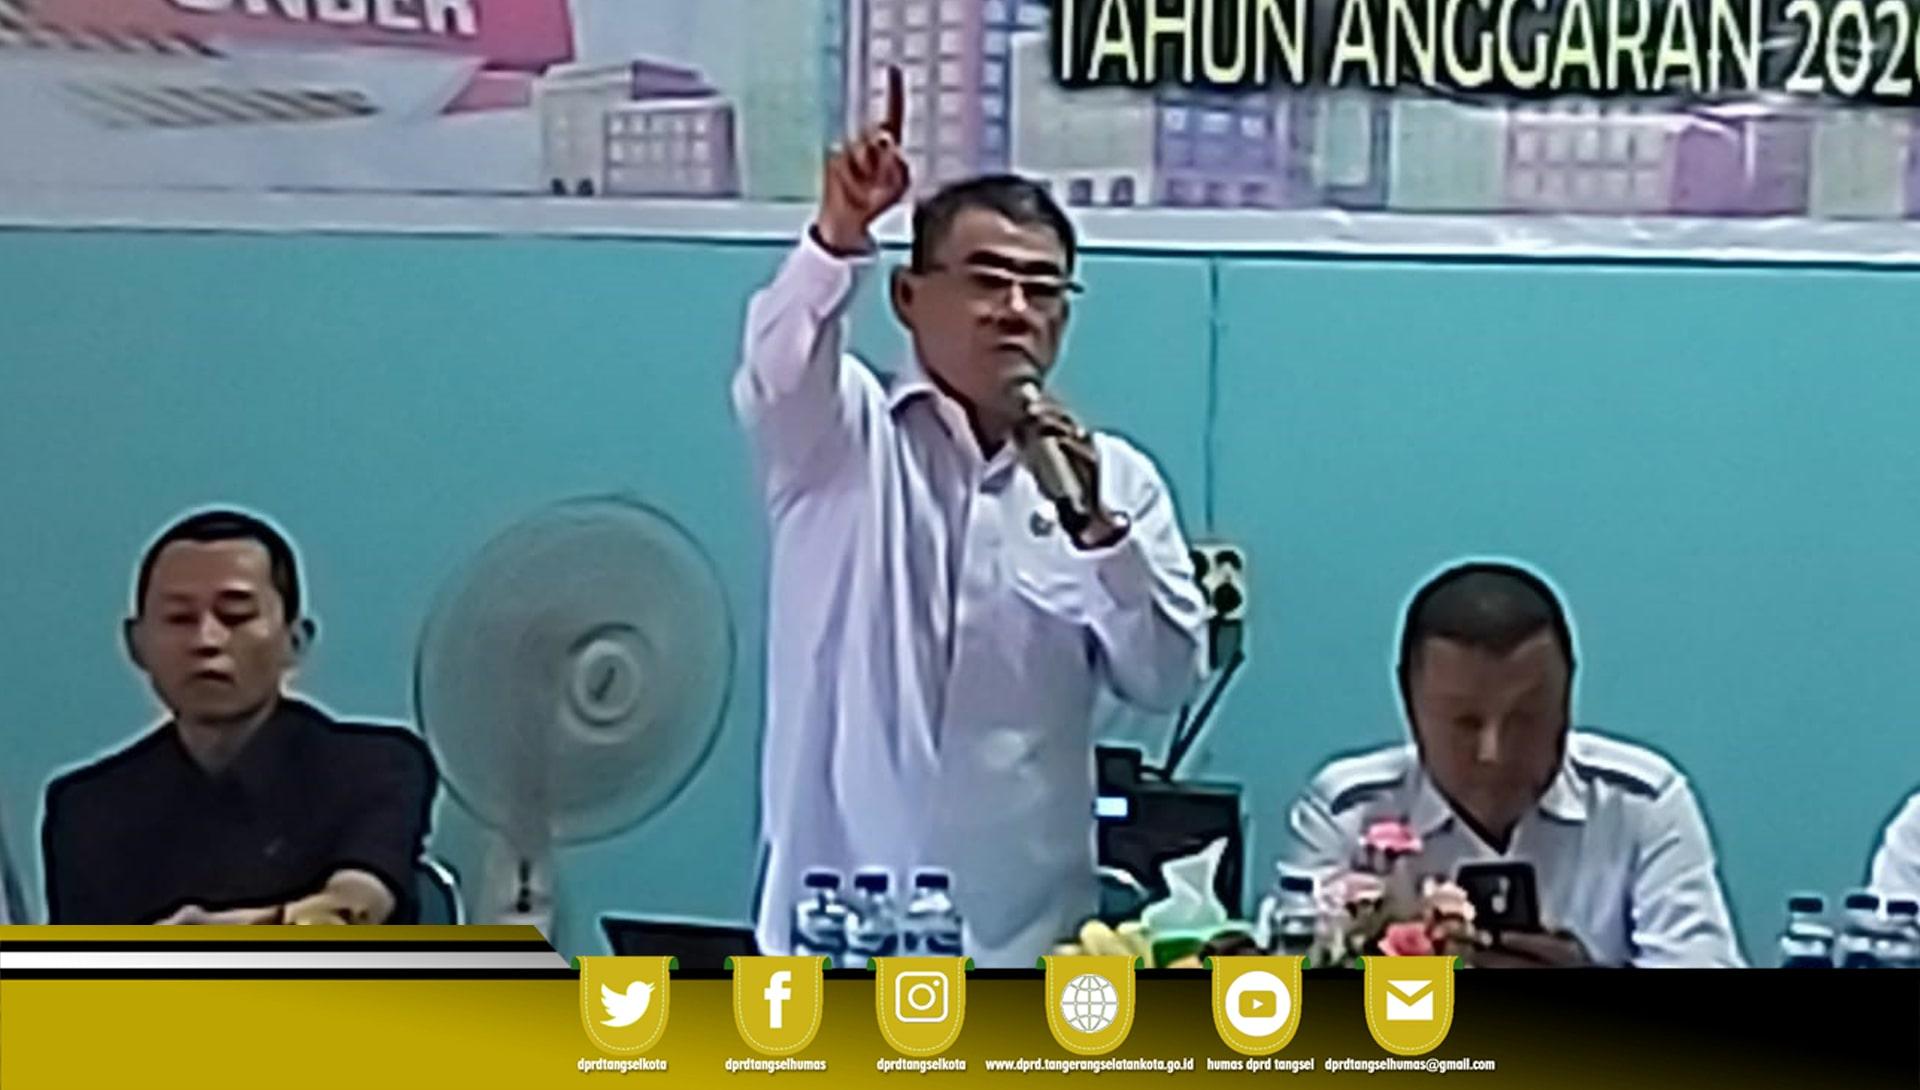 Ketua Komisi II Menjadi Narasumber Musrembang Kel. Sawah Baru Th. 2020